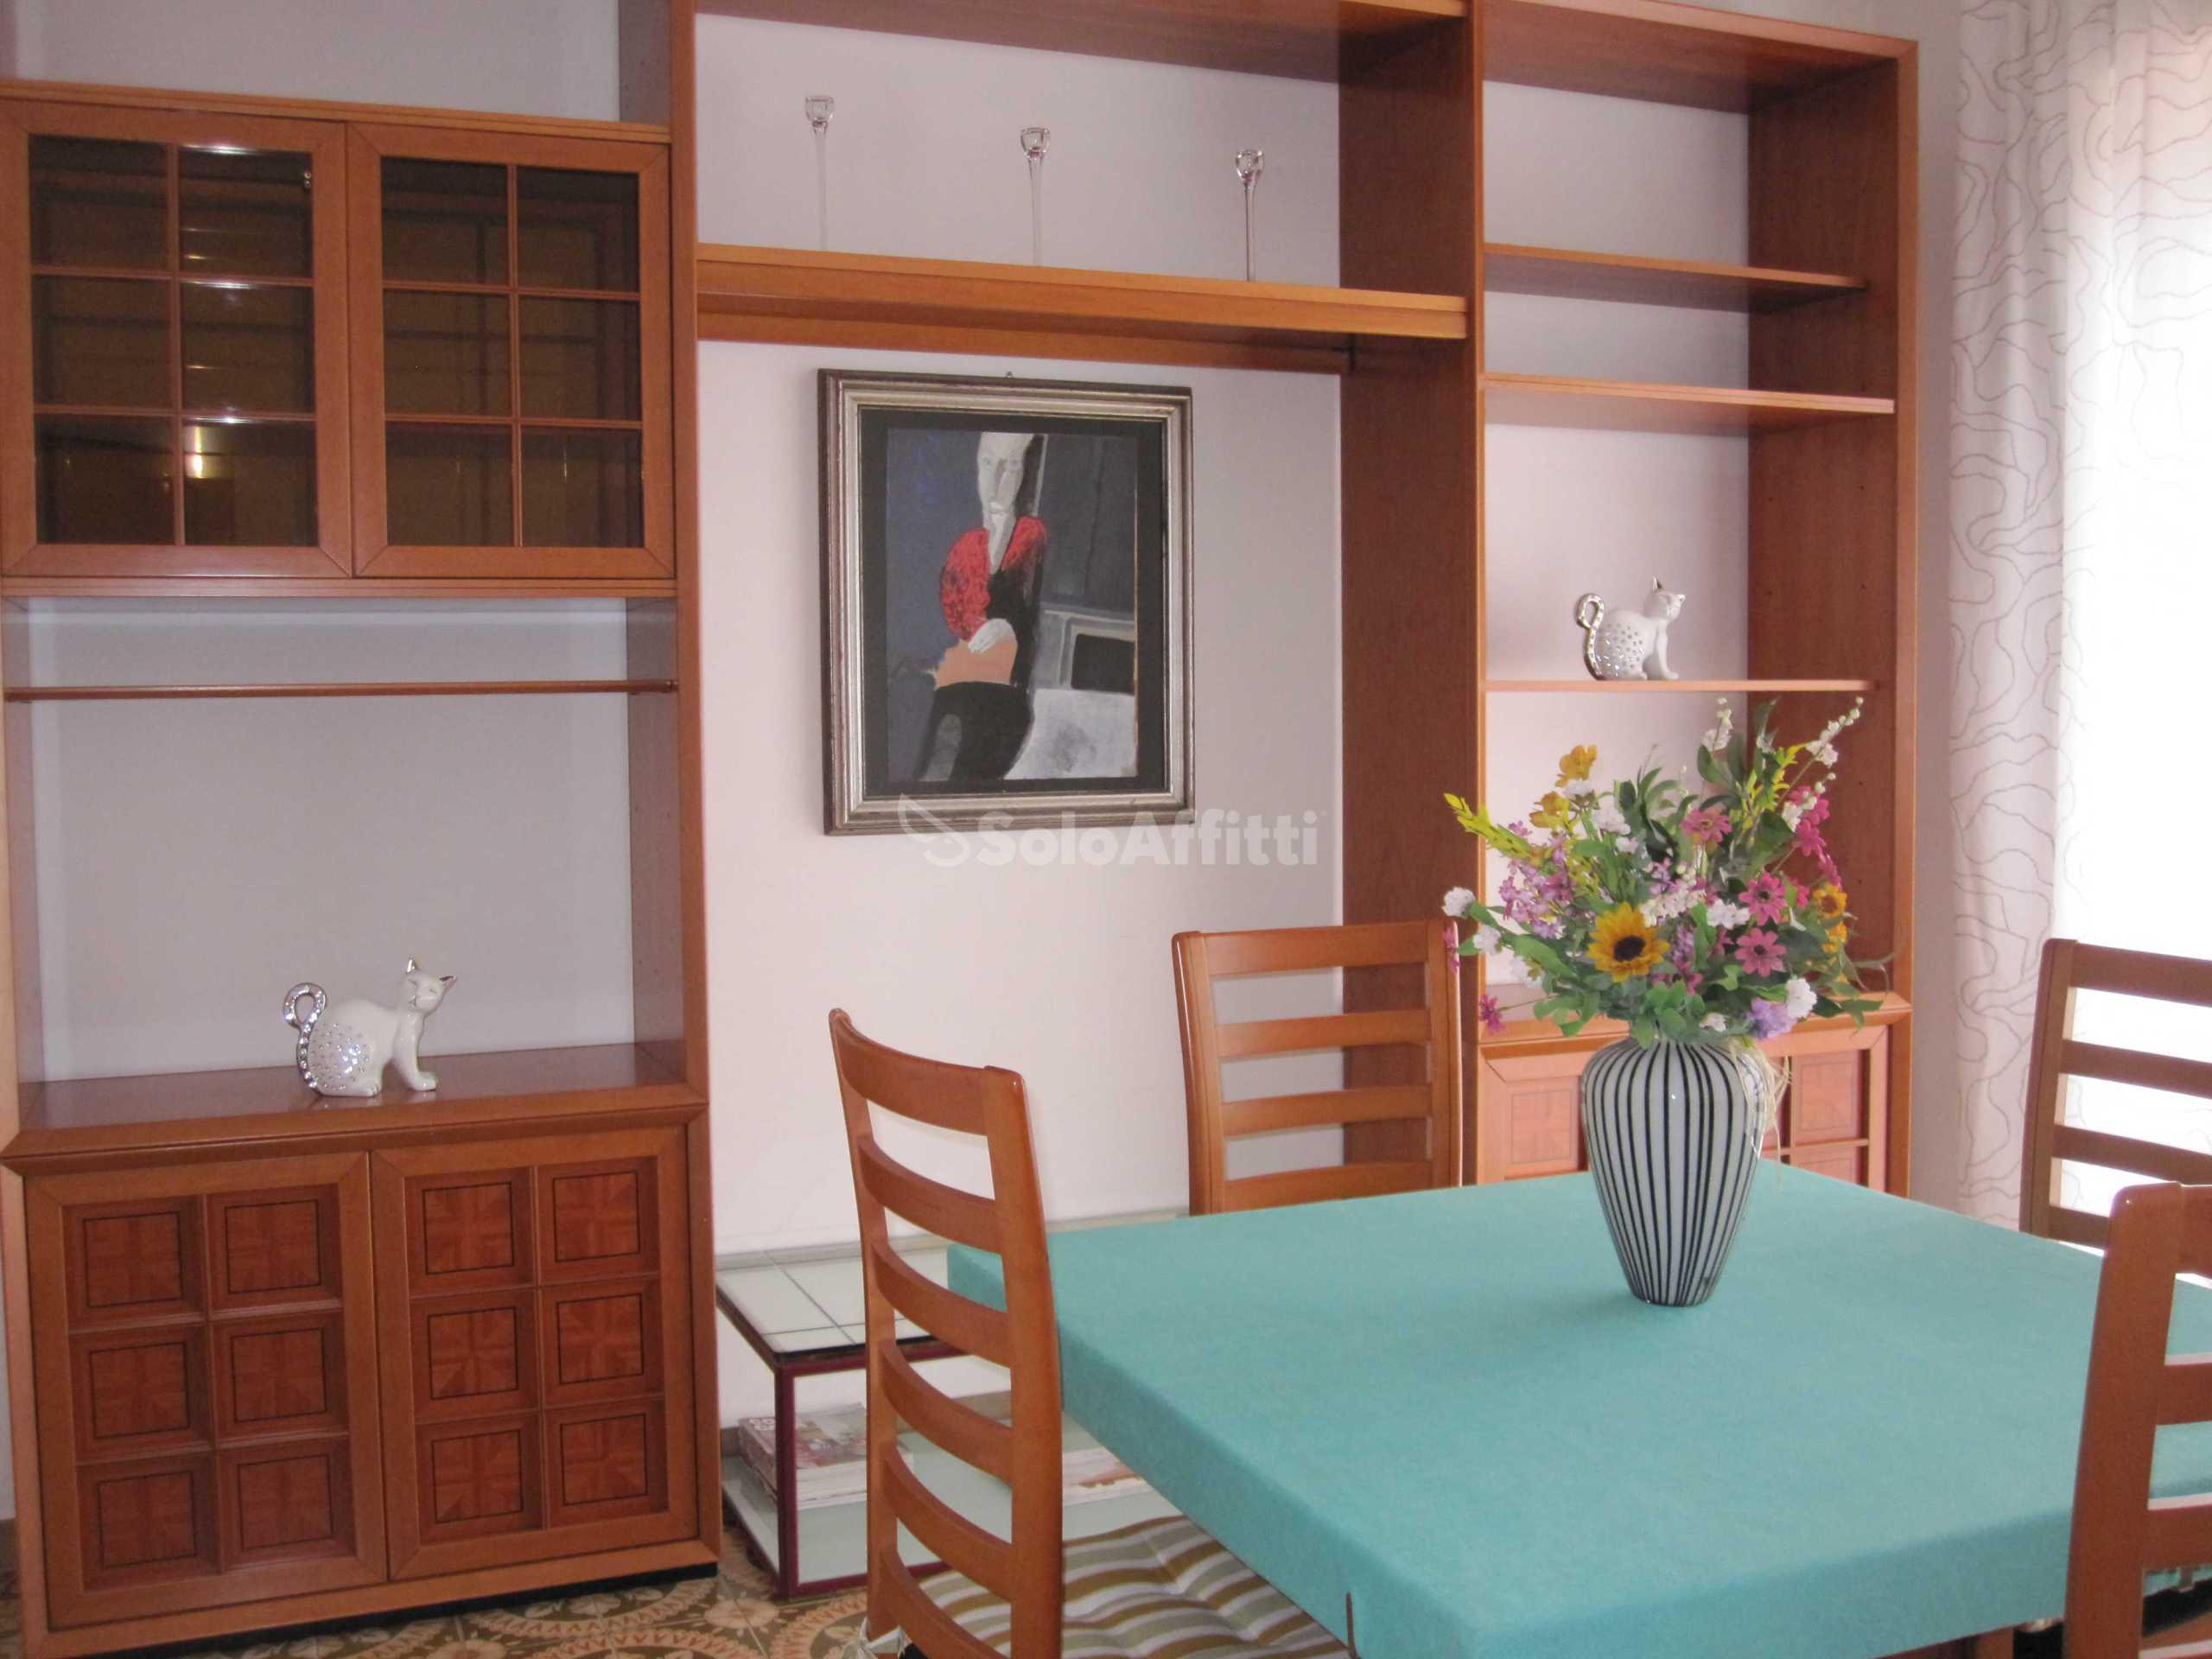 Affitto appartamento bilocale arredato 75 mq for Affitto bilocale arredato